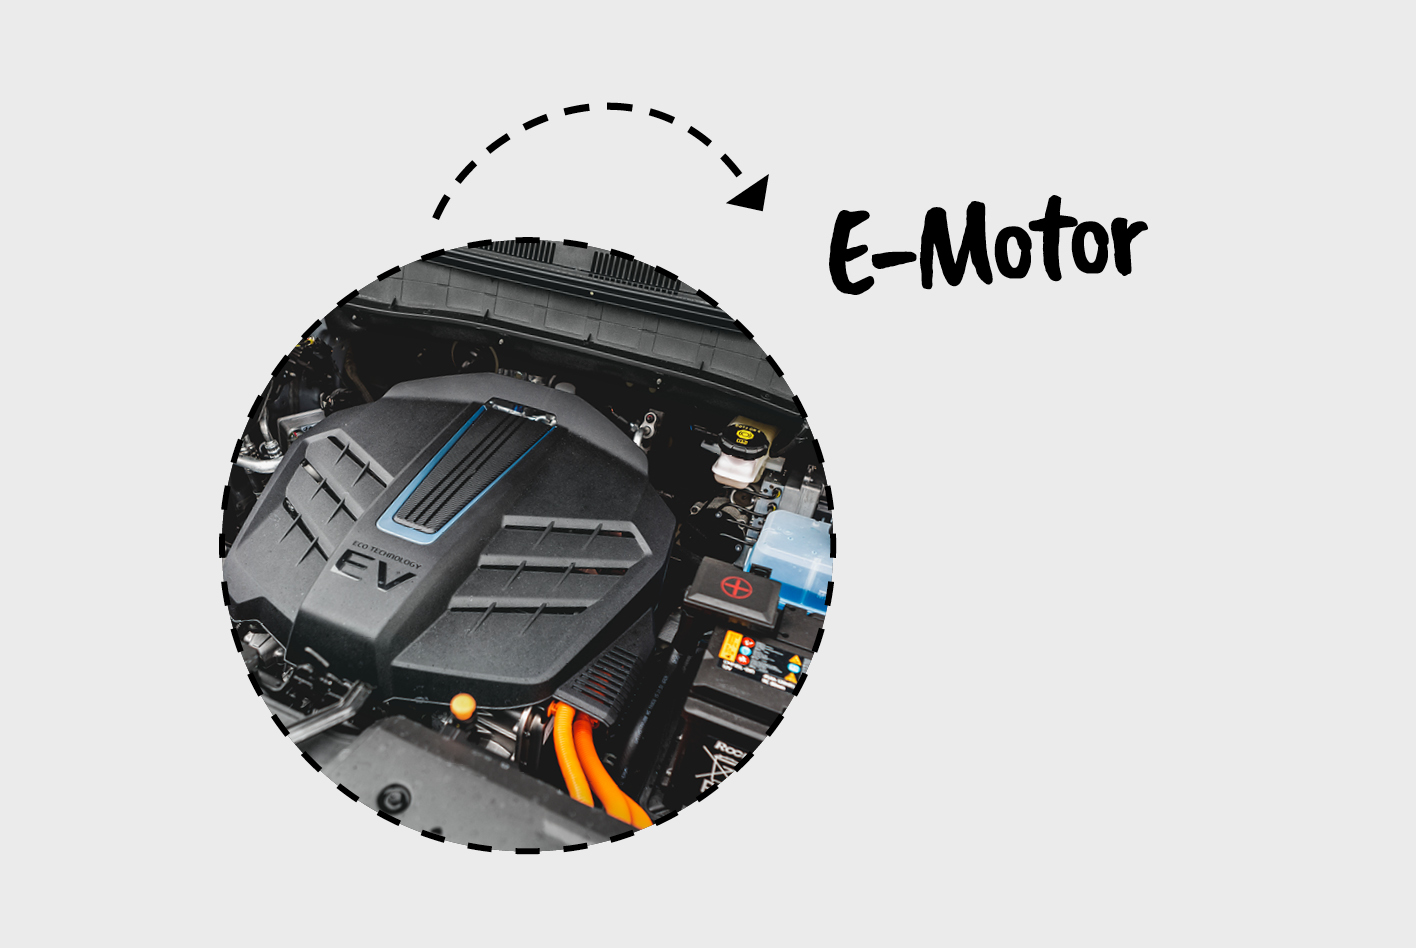 Wie das Bild schon sagt: der E-Motor